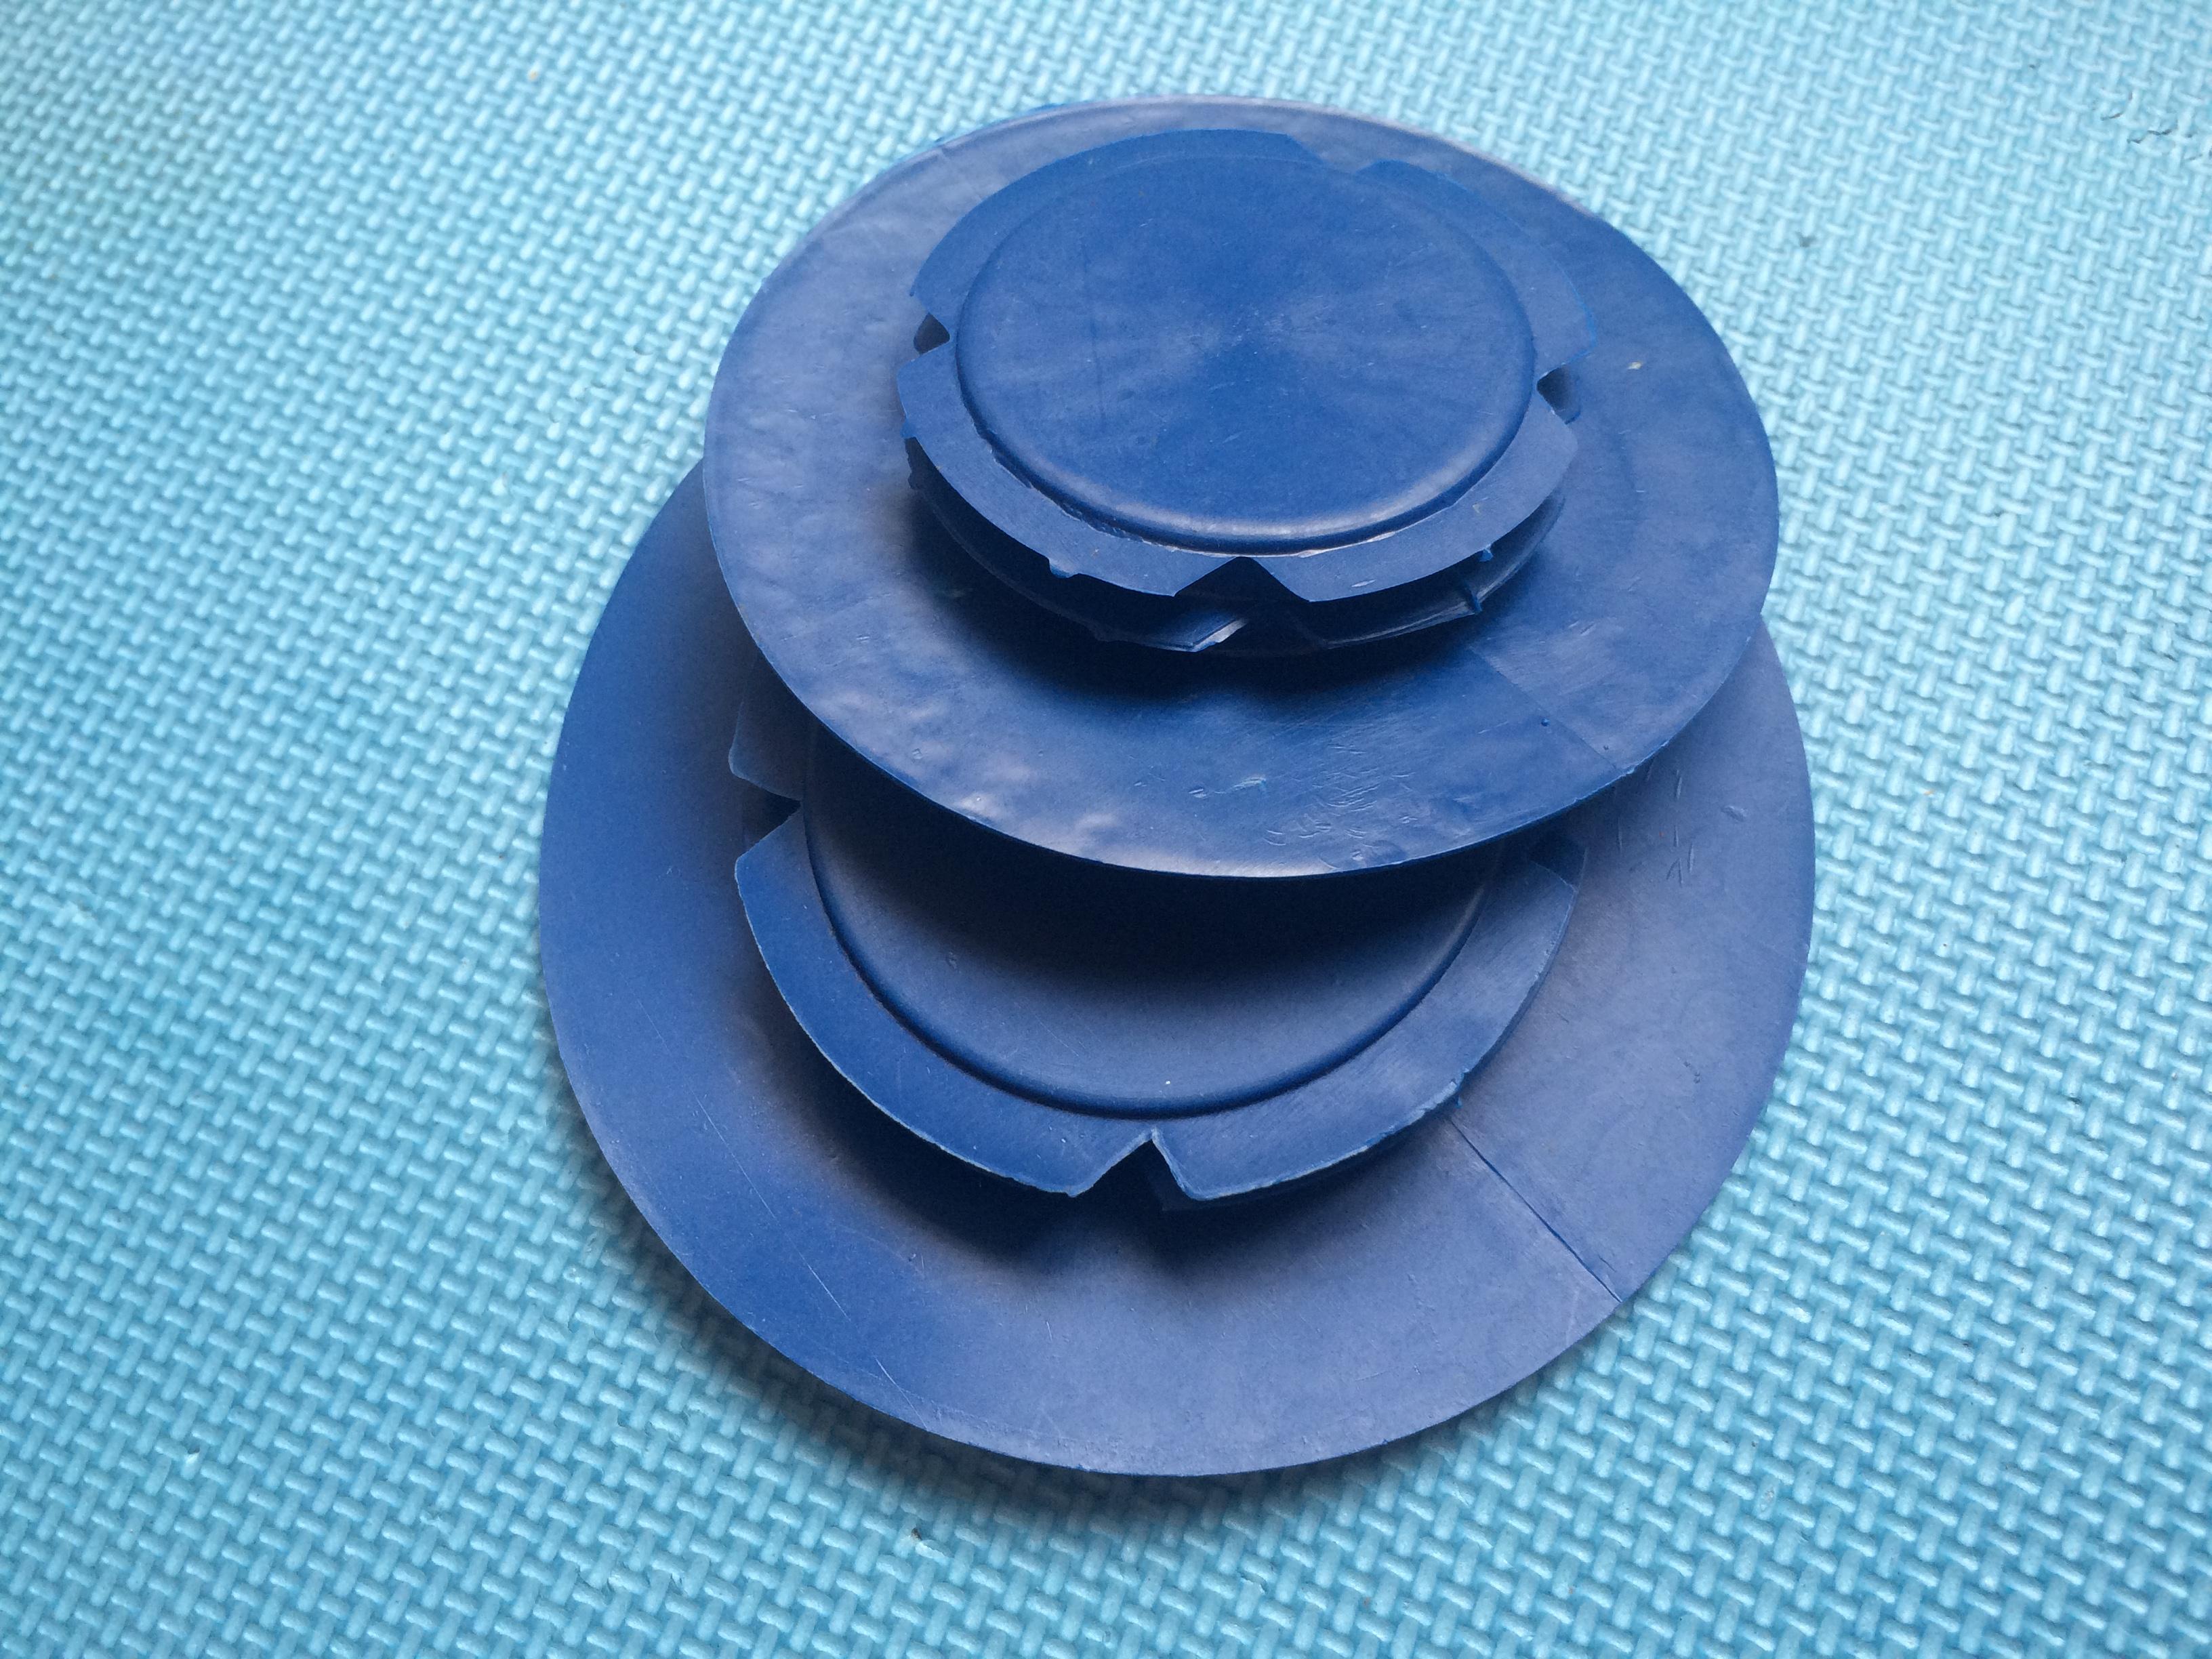 塑料法兰通用保护盖无孔盖堵盖宽边法兰盖阀门封盖堵盖端面保护盖